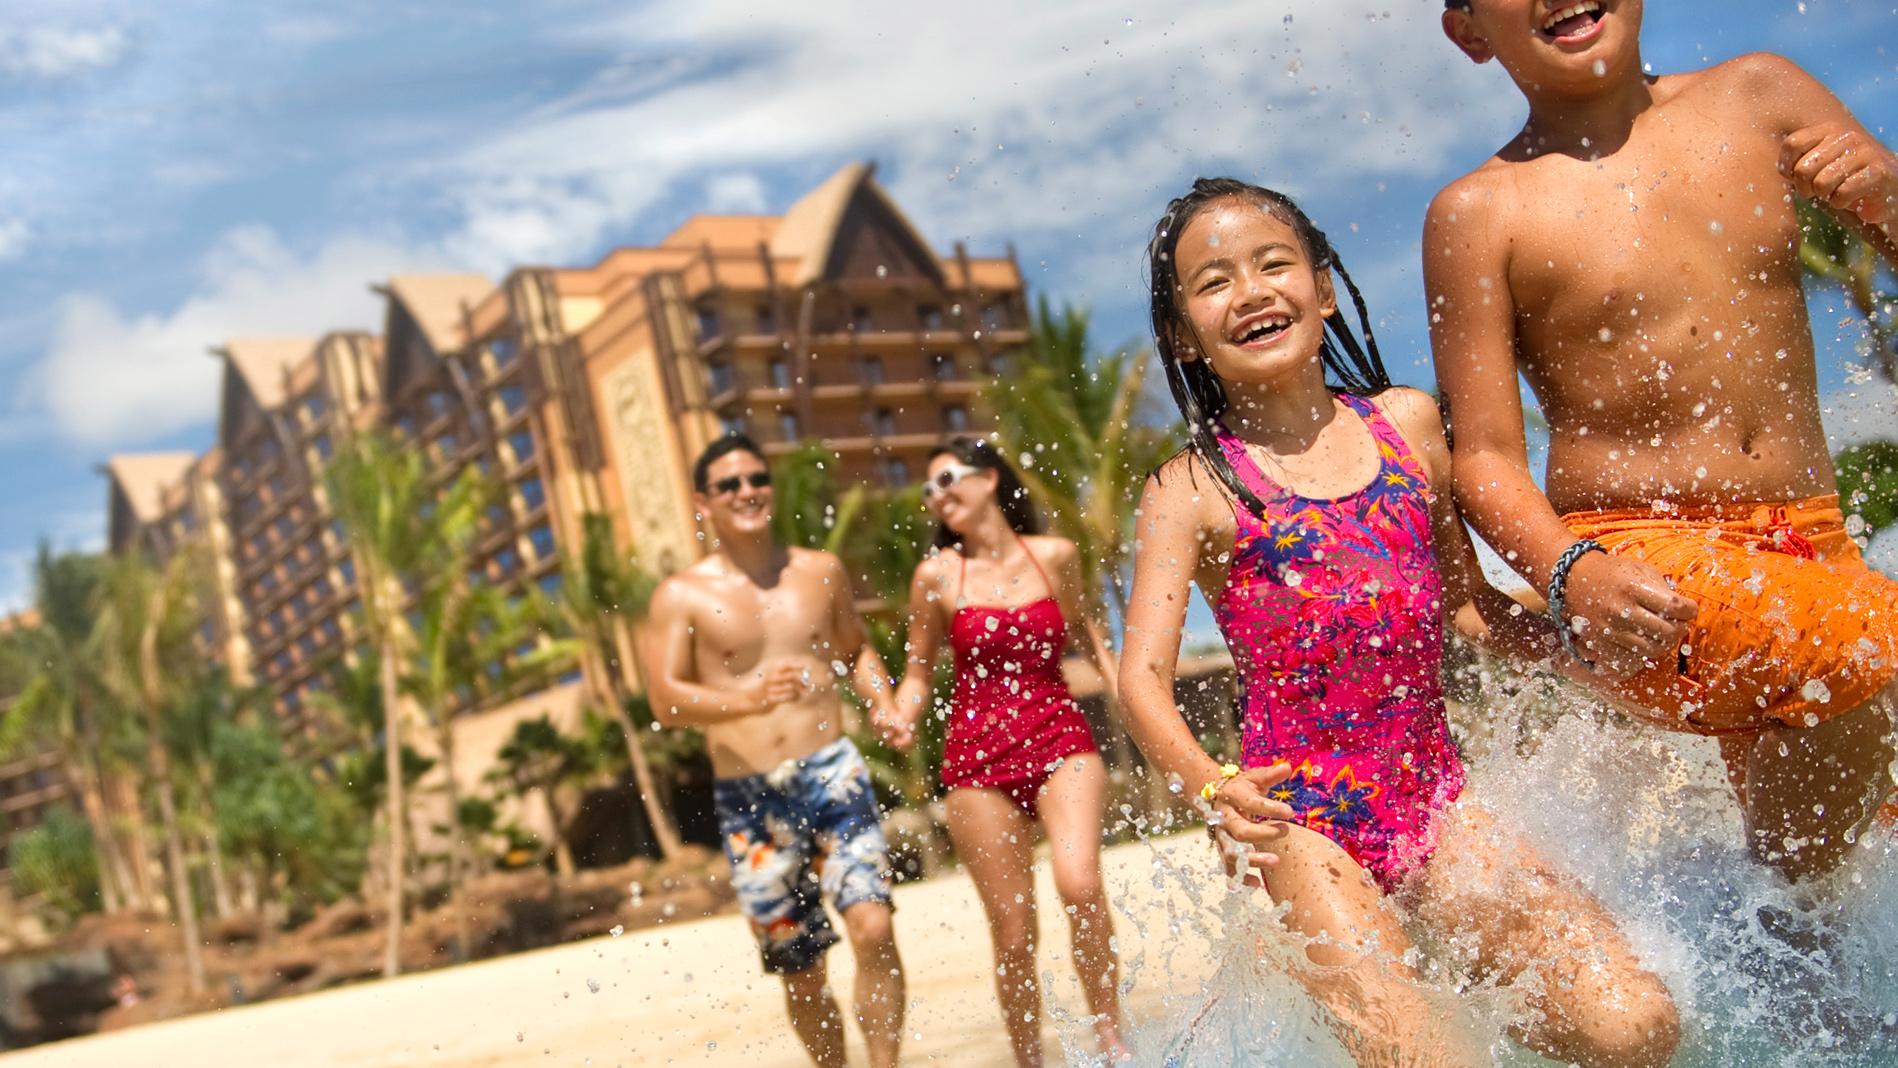 両親が後ろから見守る中、水しぶきをあげながらビーチを走る幼い兄妹